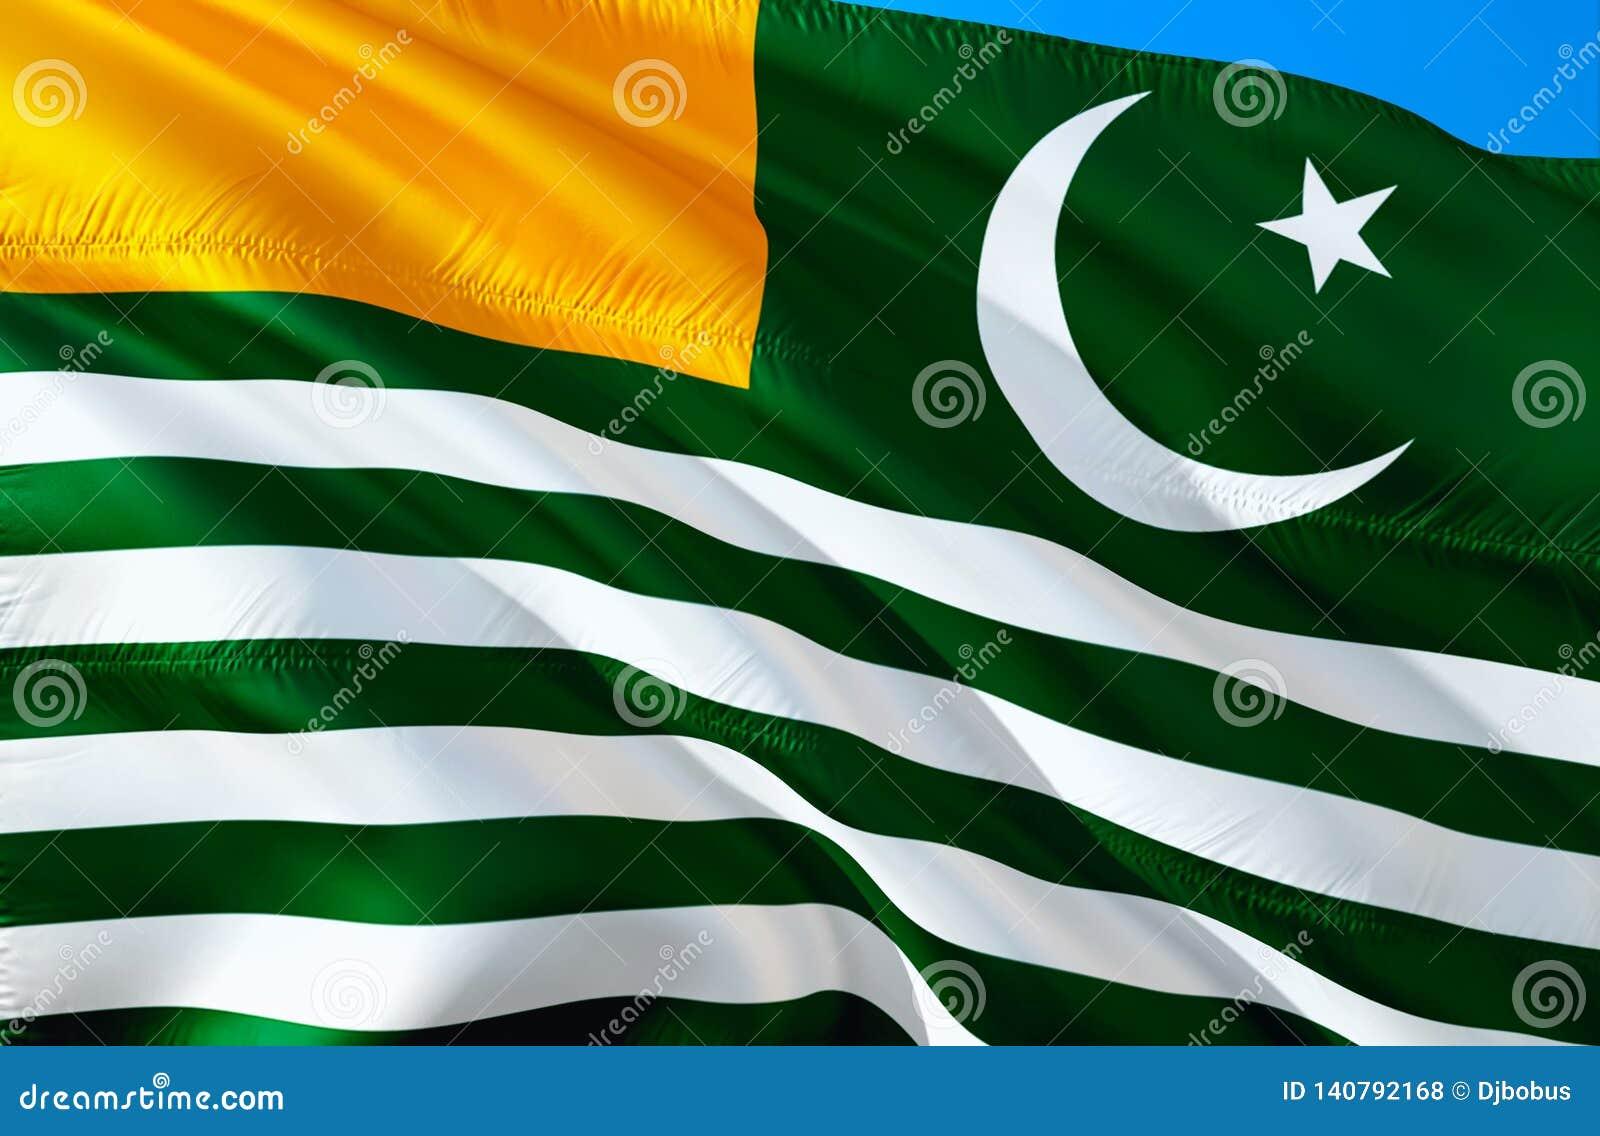 Kashmir flagga vinkande design för flagga 3D Det nationella symbolet av Azad Kashmir, tolkning 3D Azad Kashmir 3D vinkande tecken